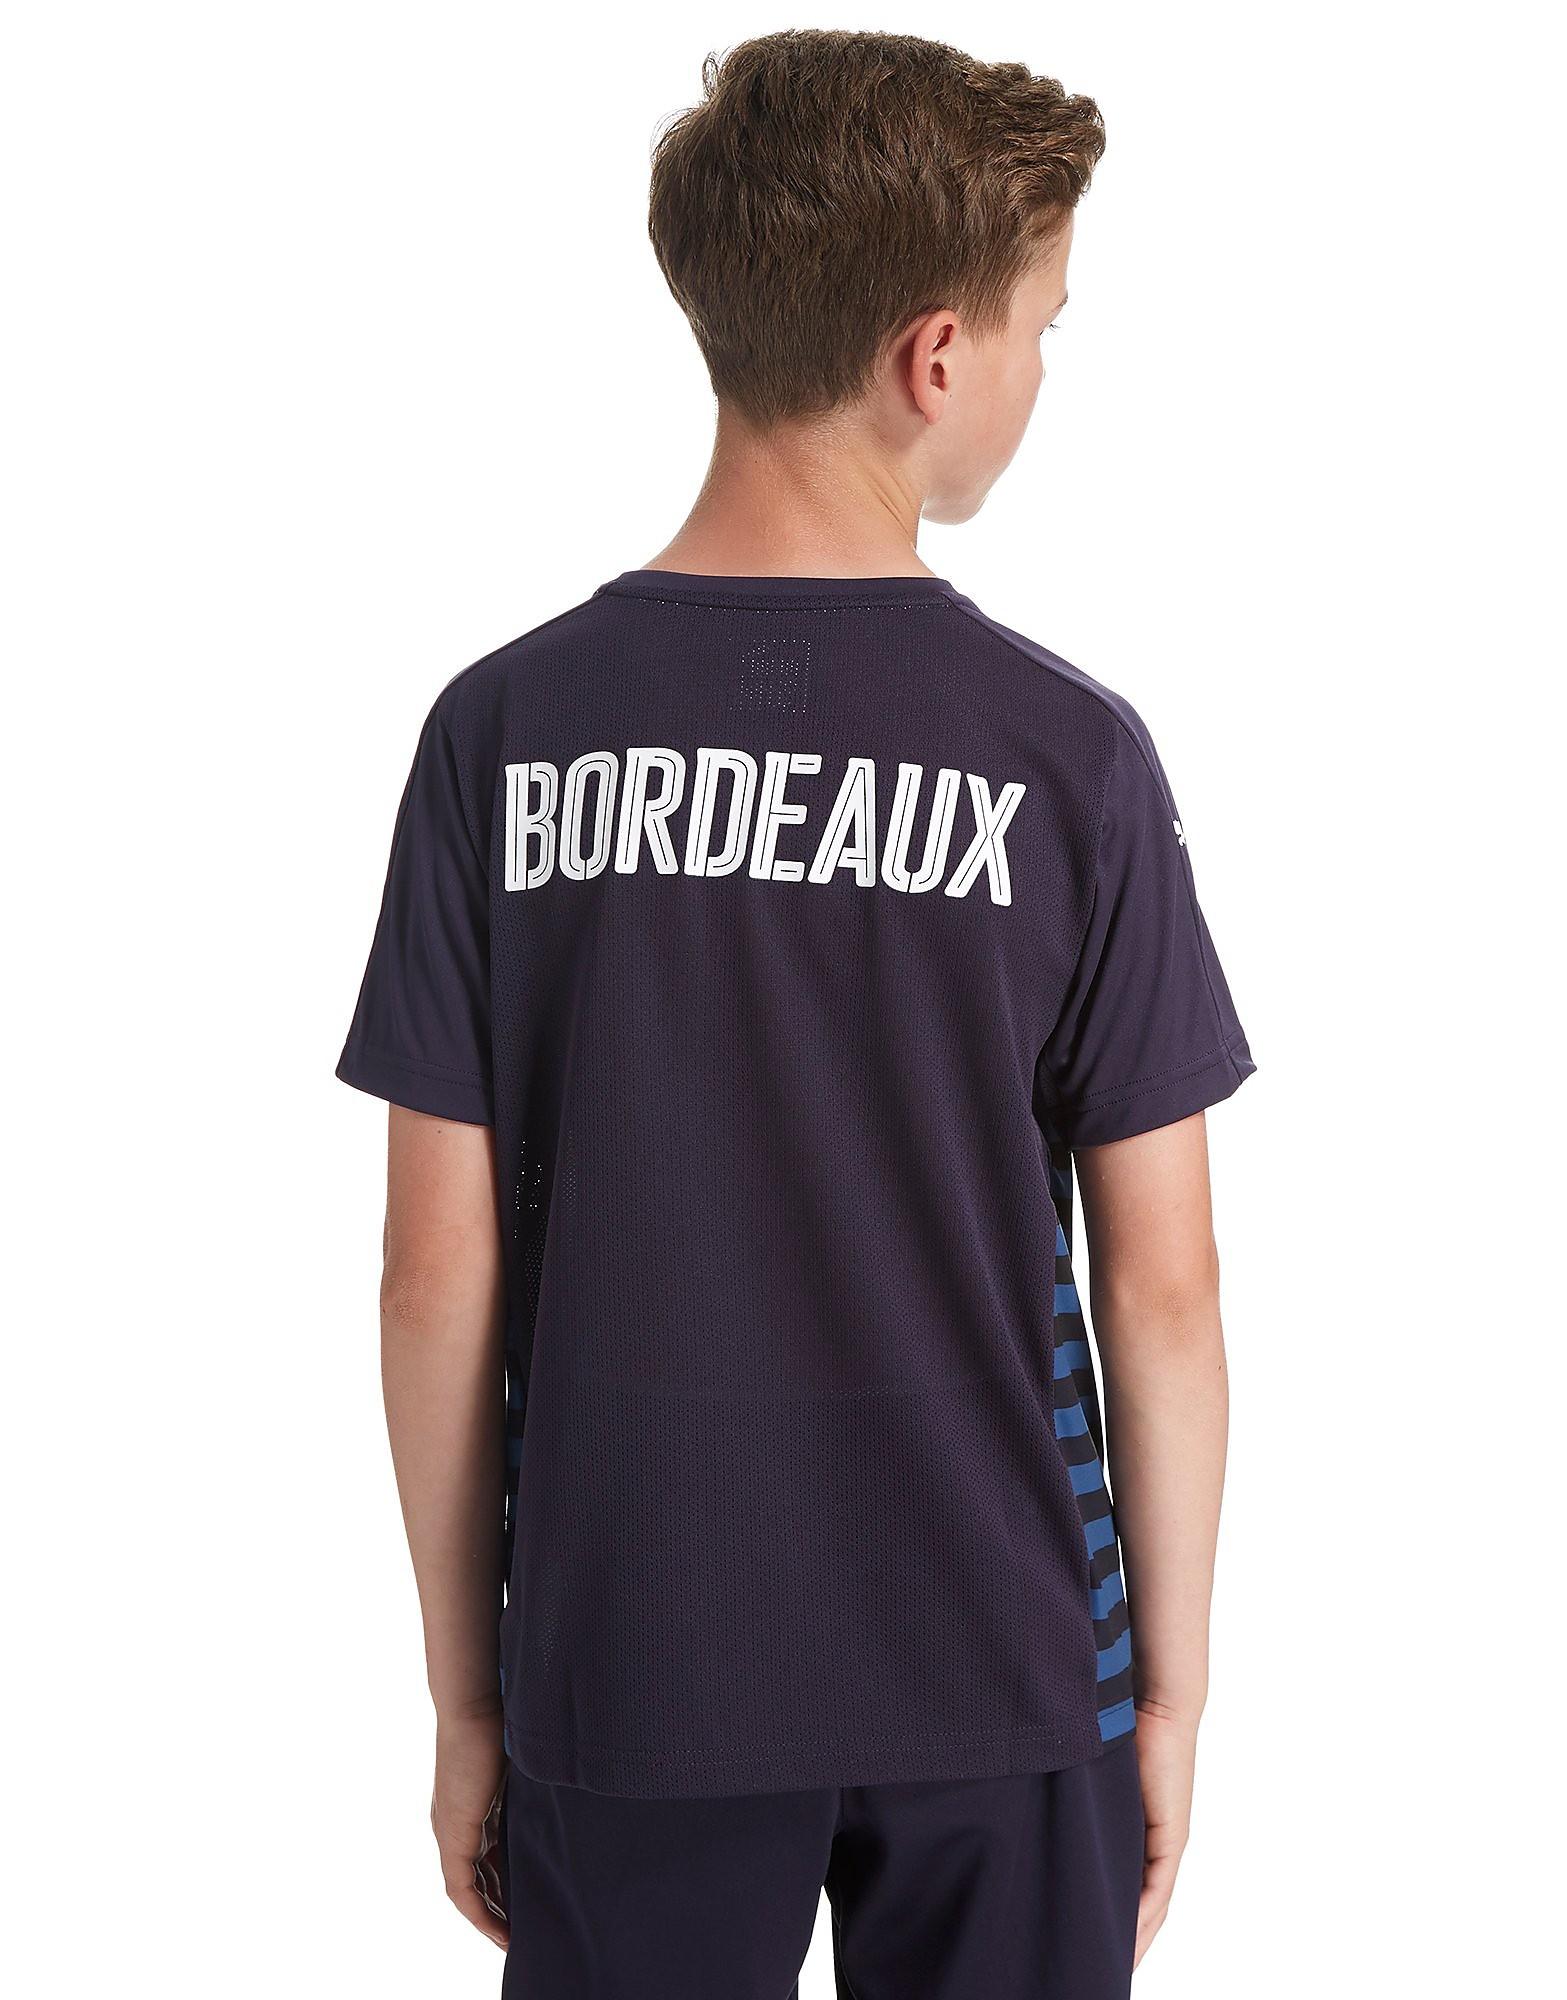 PUMA Bordeaux 2016/17 Stadium Jersey Junior